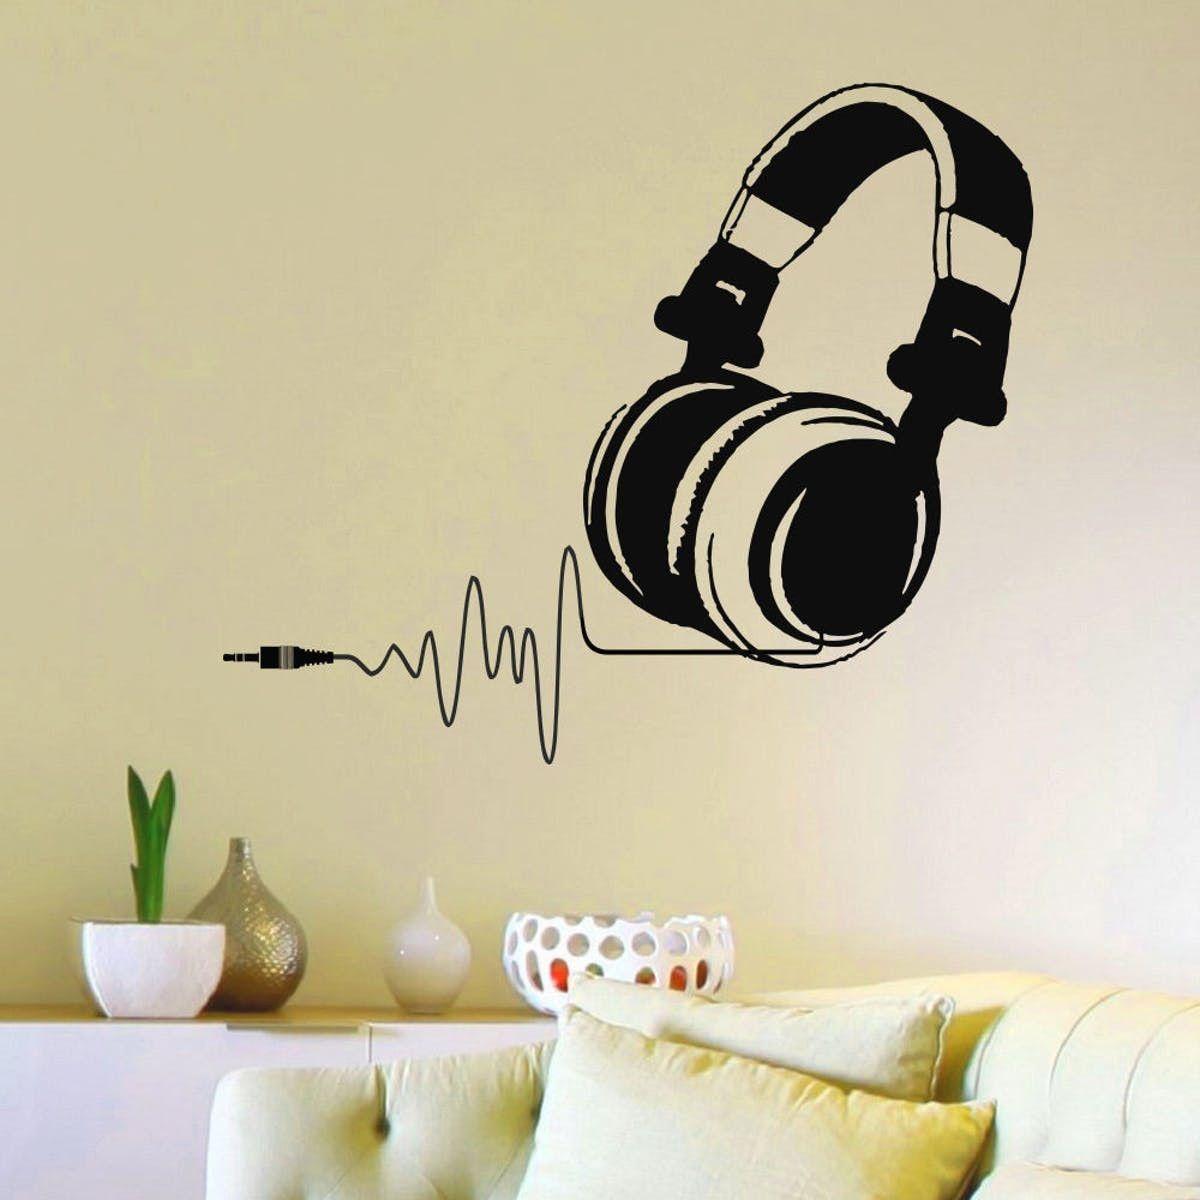 Dj Headphone Wall Sticker Maison Parement Mural